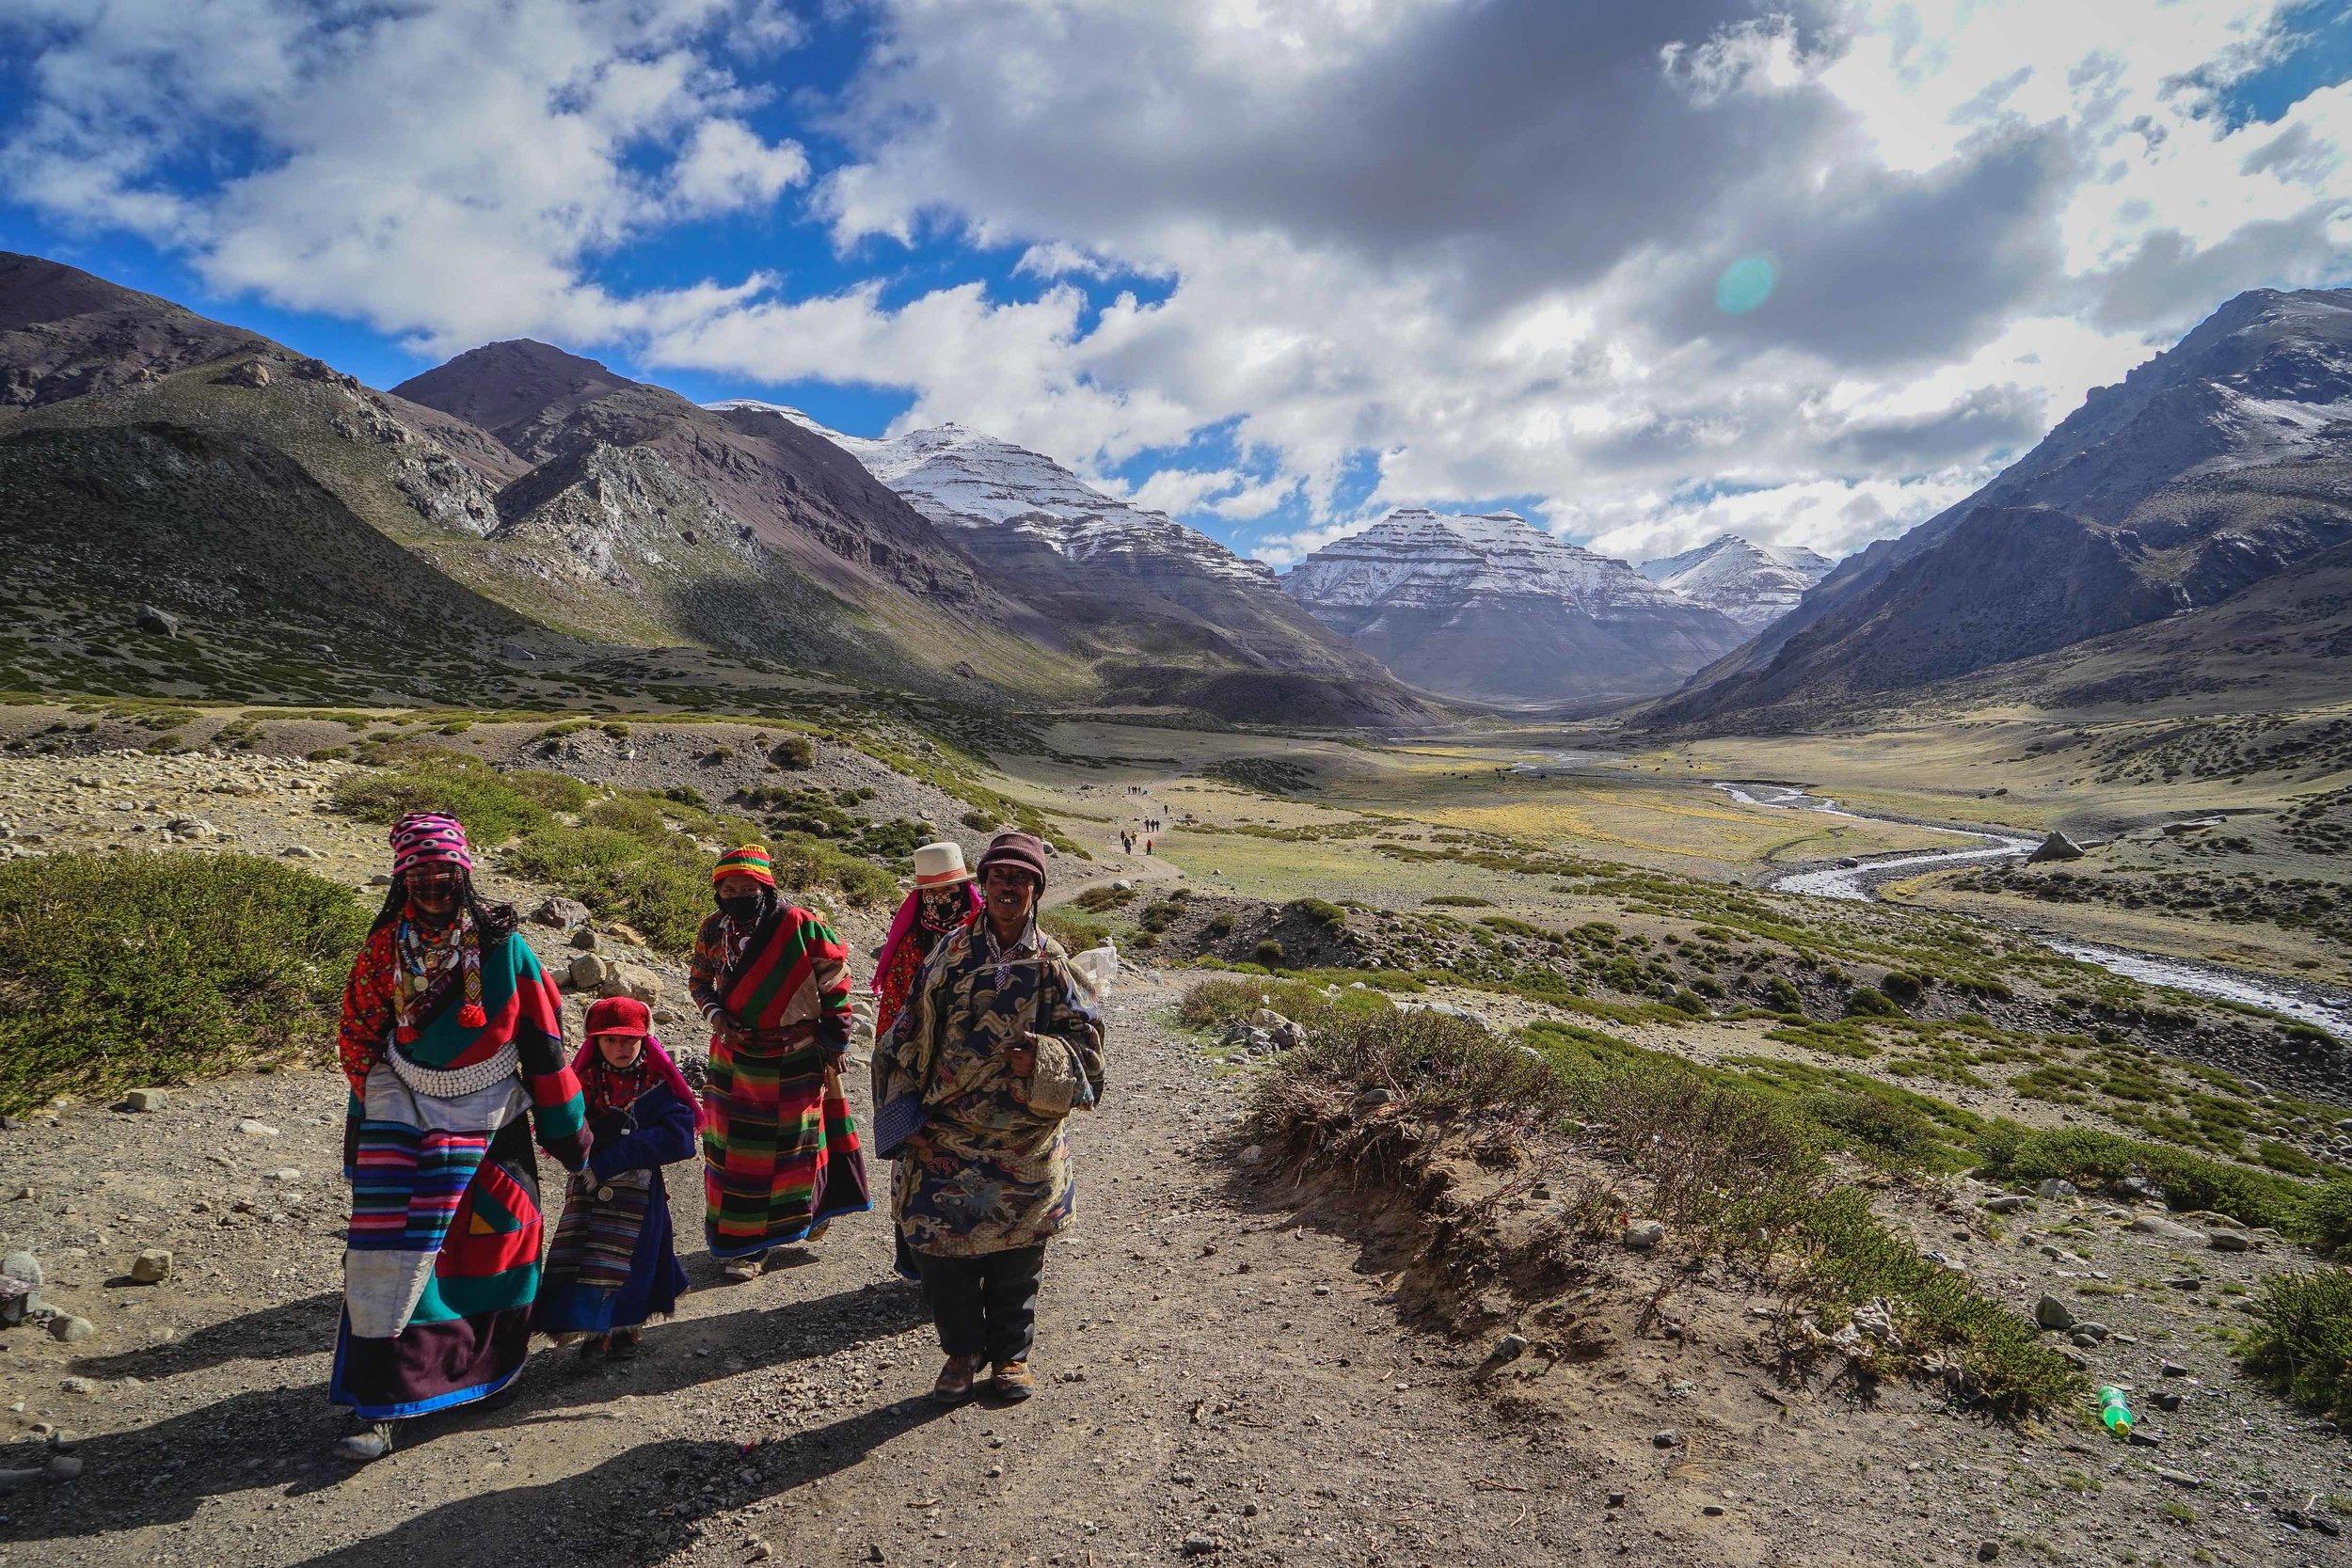 Trekking around Mt. Kailash